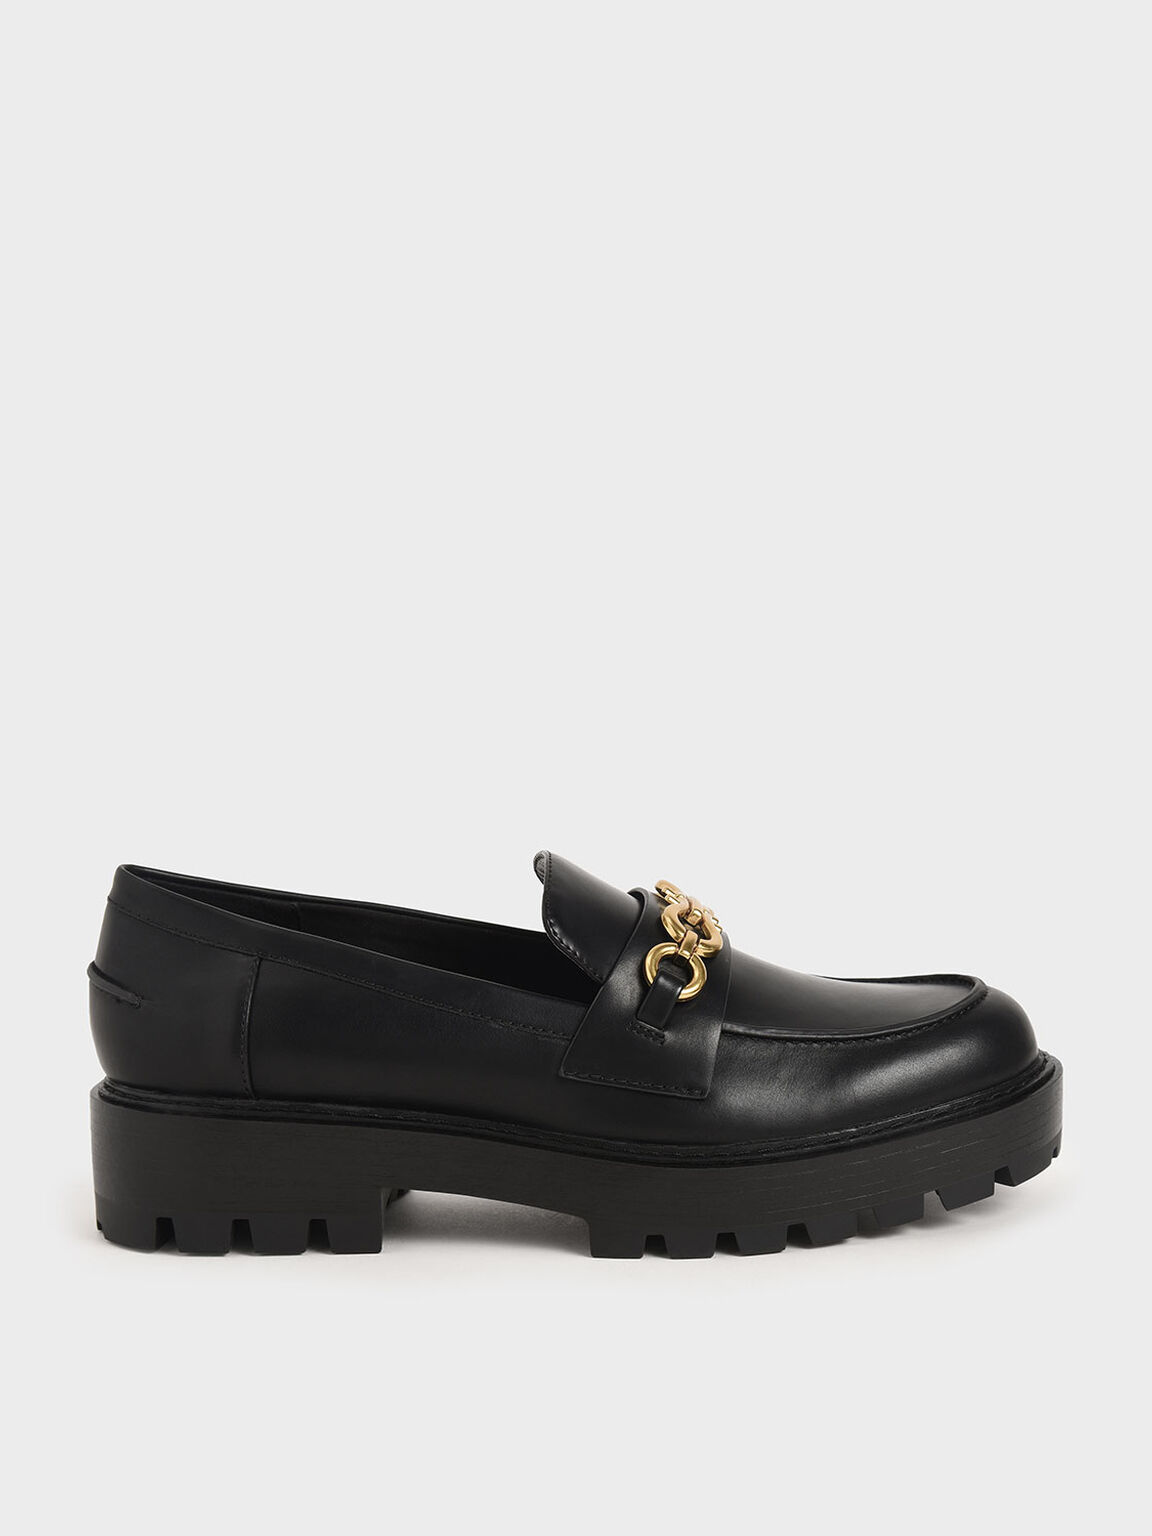 馬銜鍊厚底樂福鞋, 黑色, hi-res